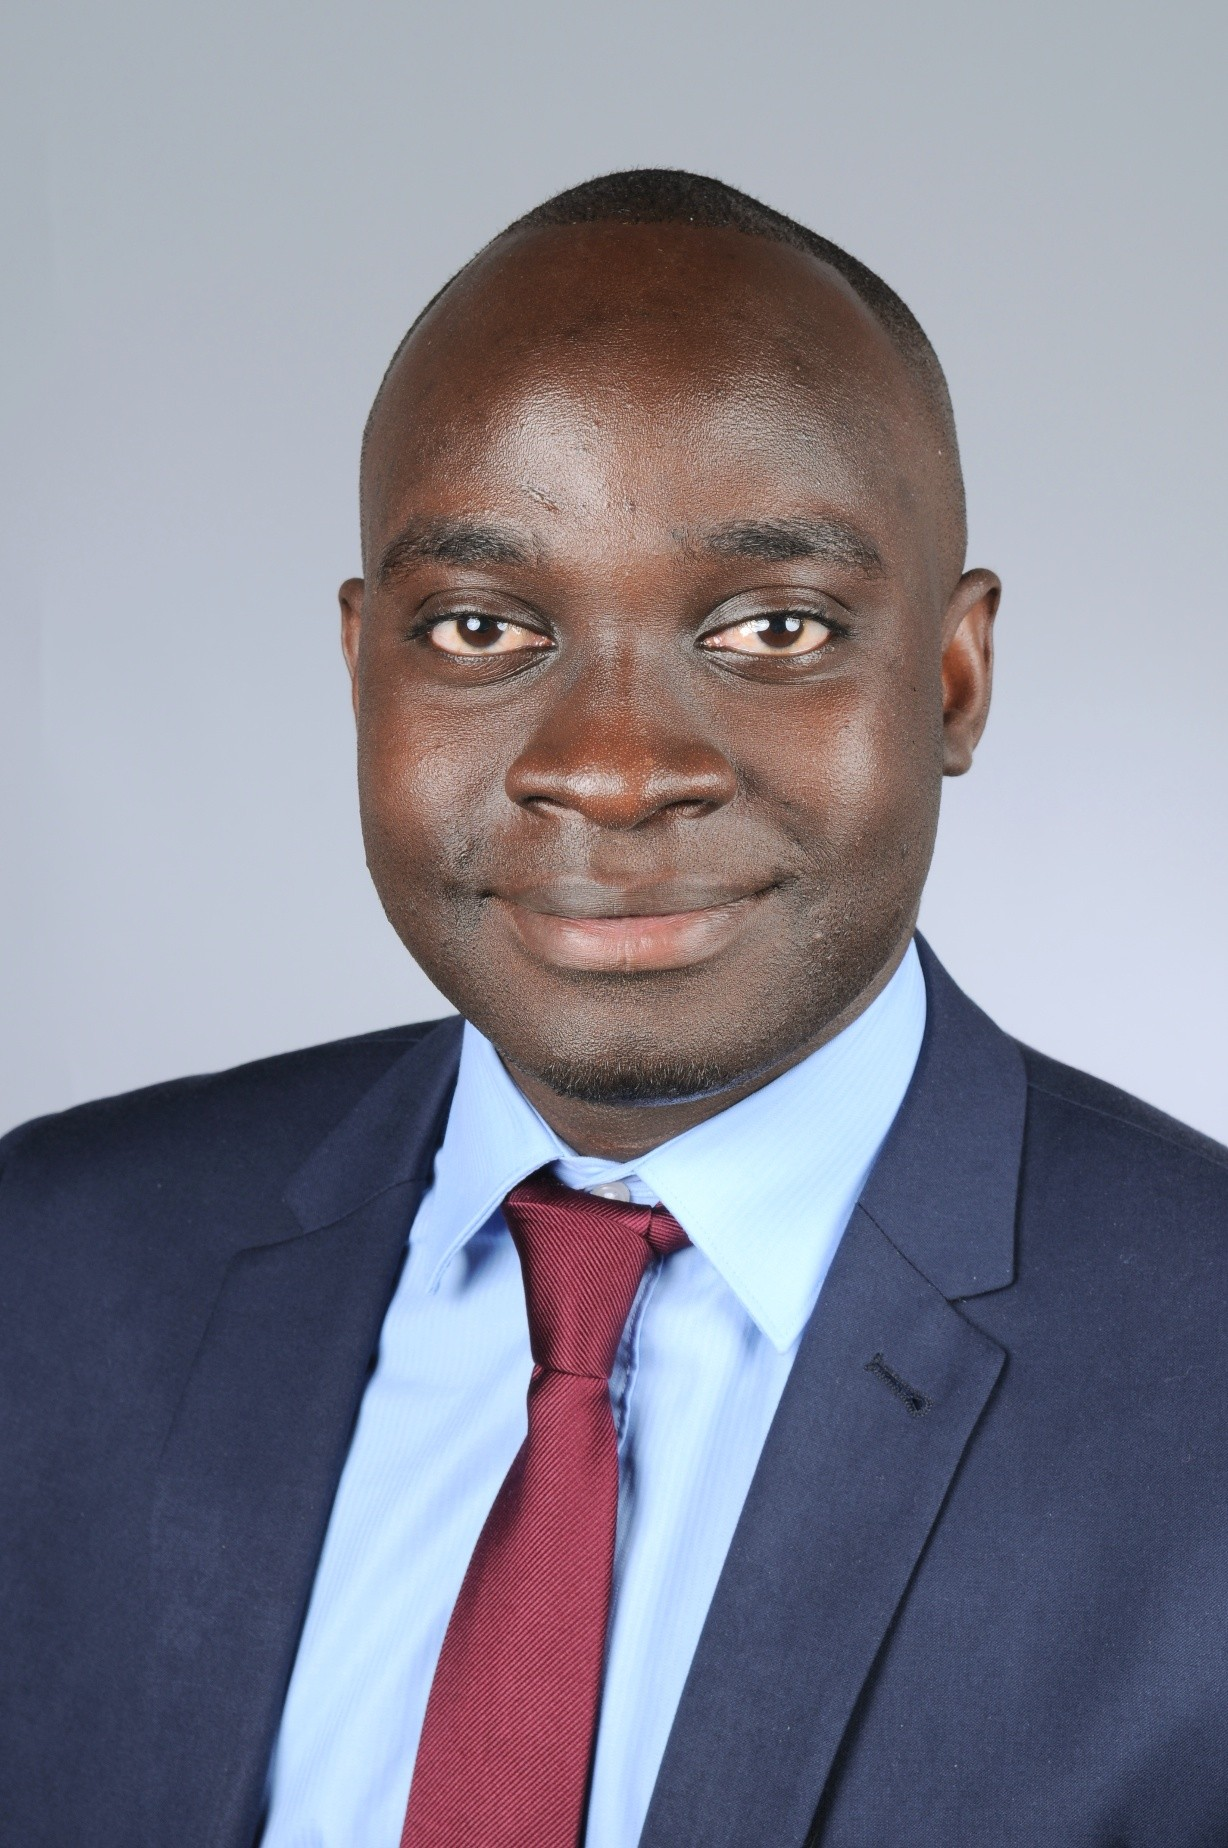 Une petite idée de banquier pour une gestion responsable des ressources pétrolières au Sénégal